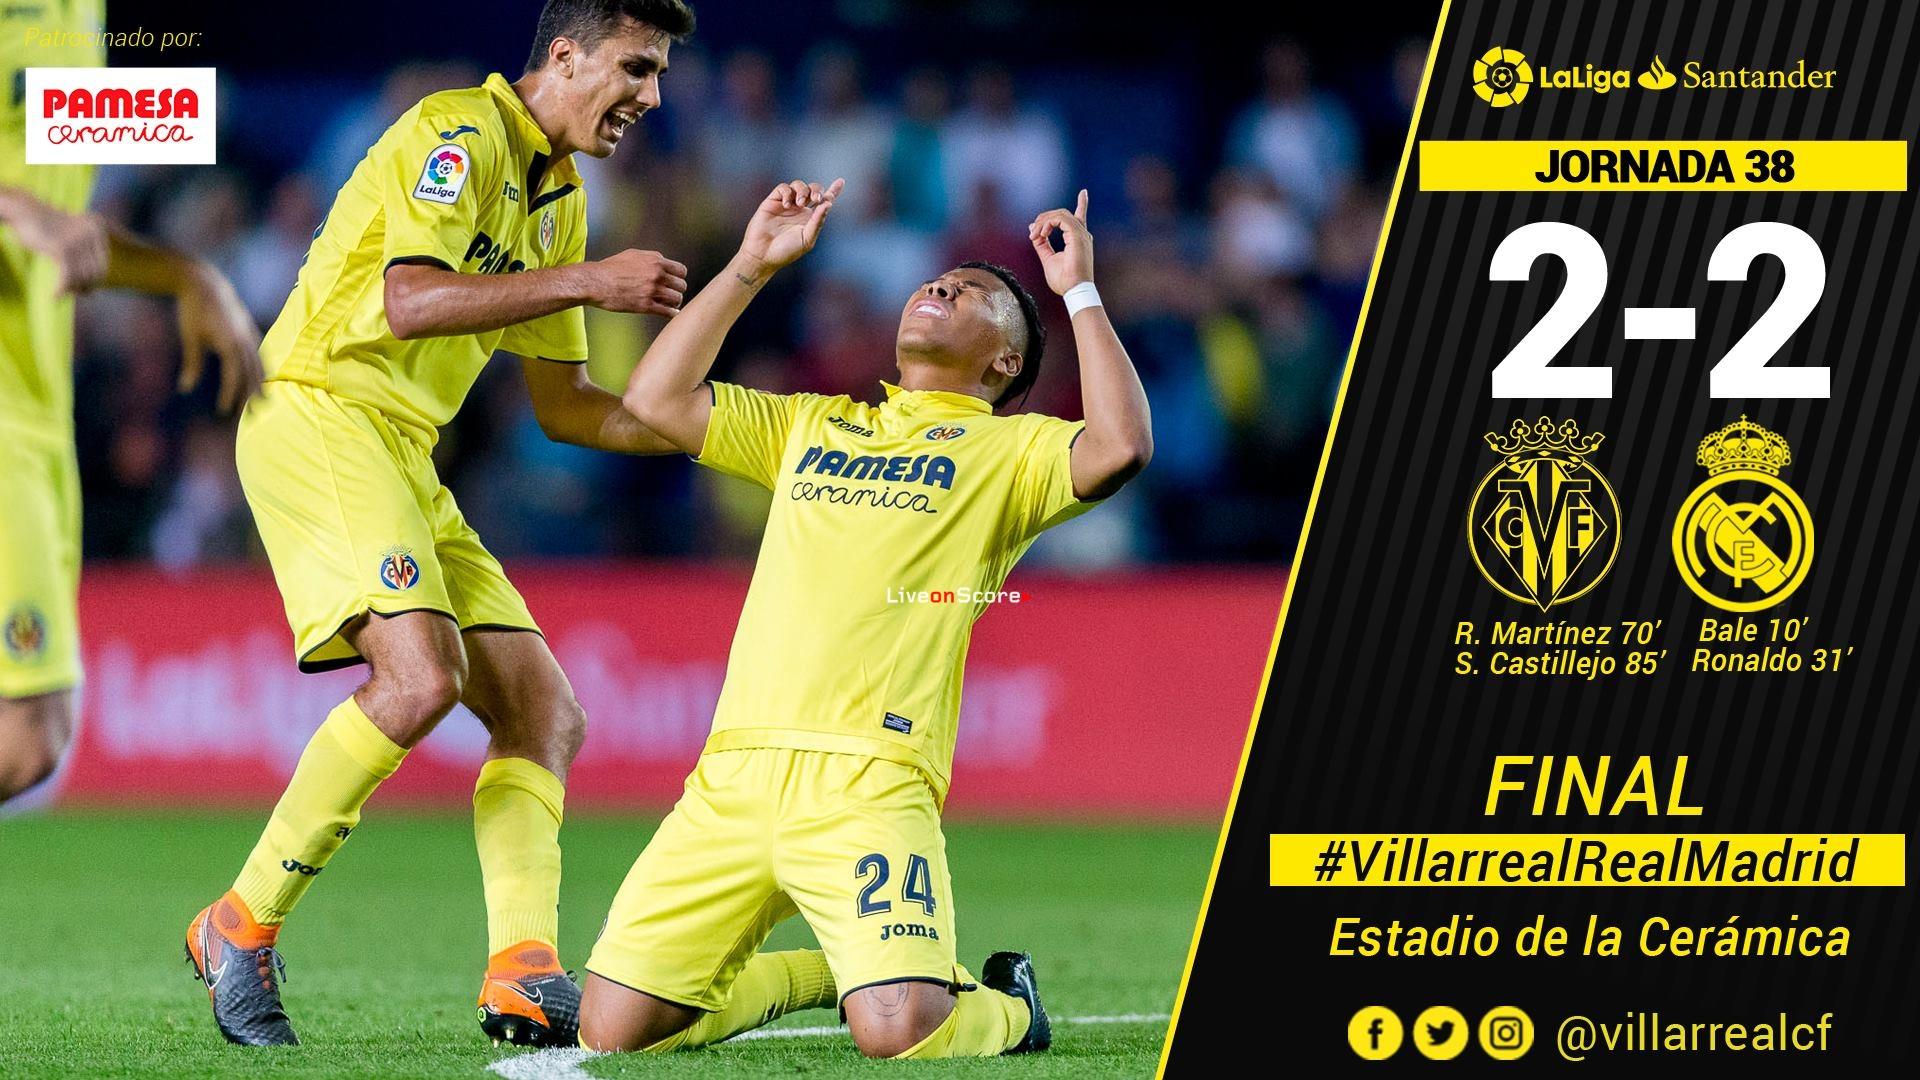 Villarreal Real Madrid Full Highlight Video